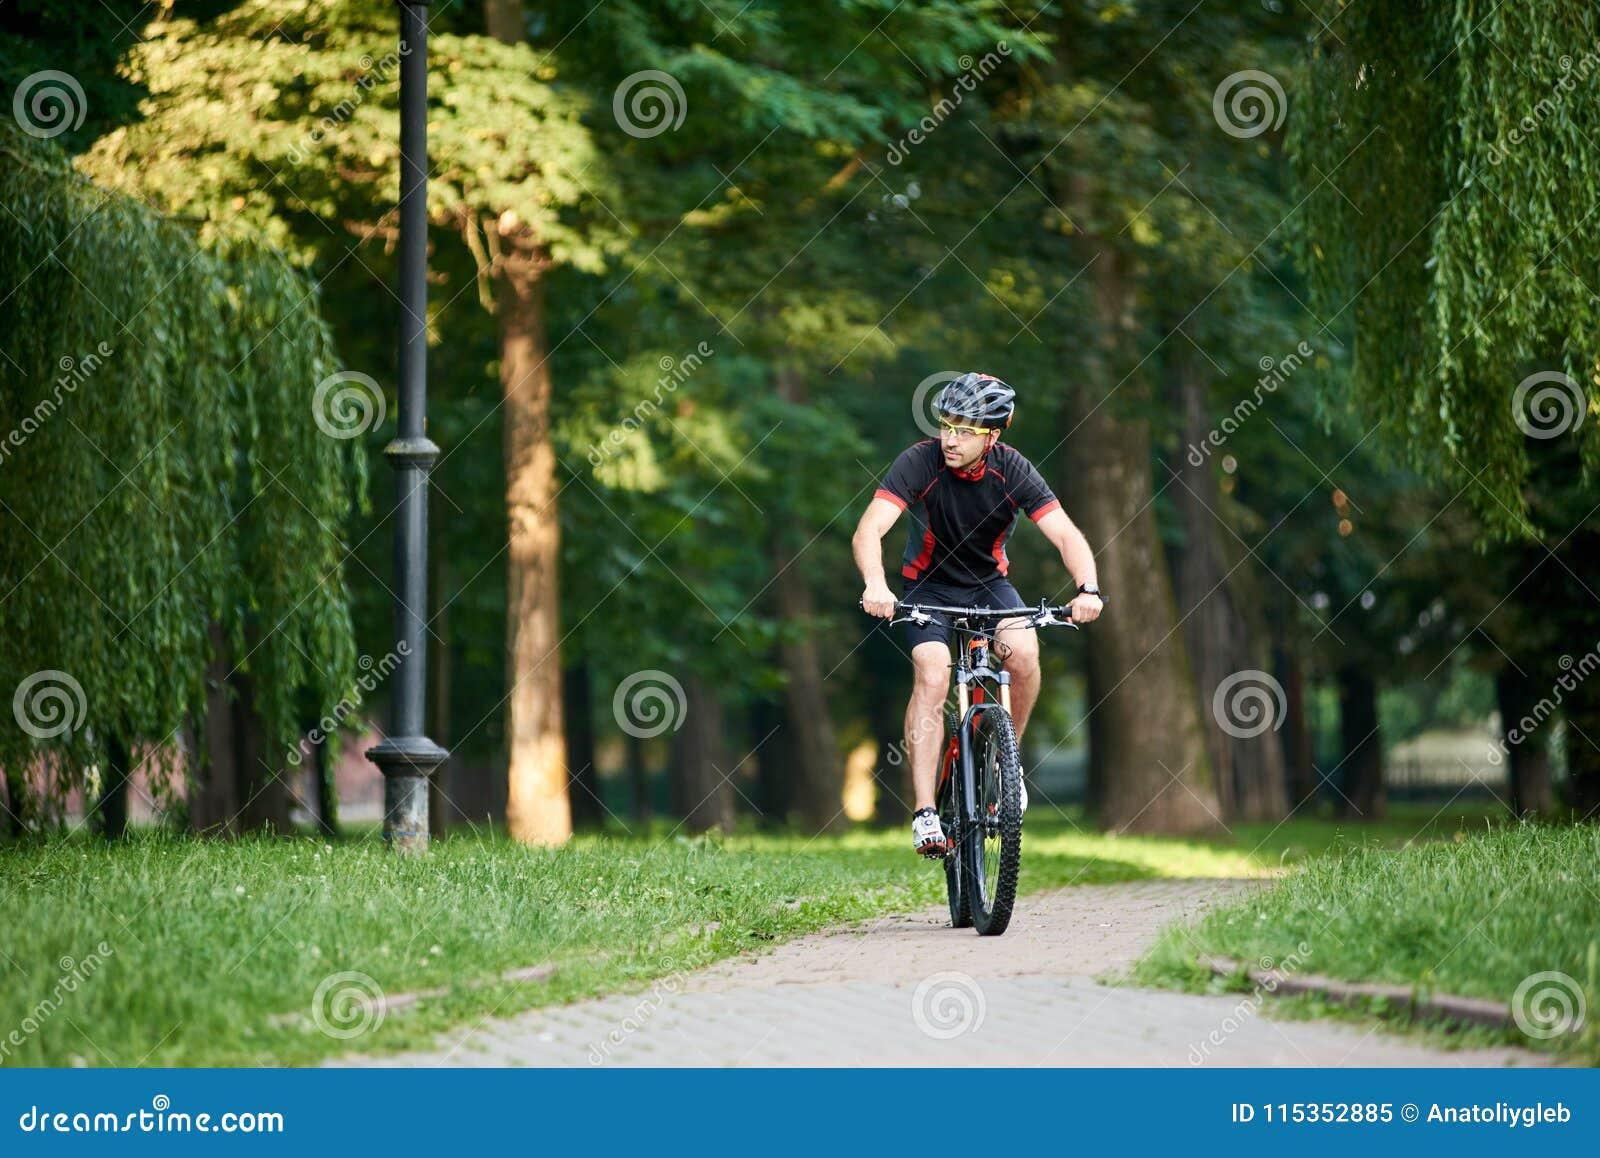 男性骑自行车者训练在绿色公园